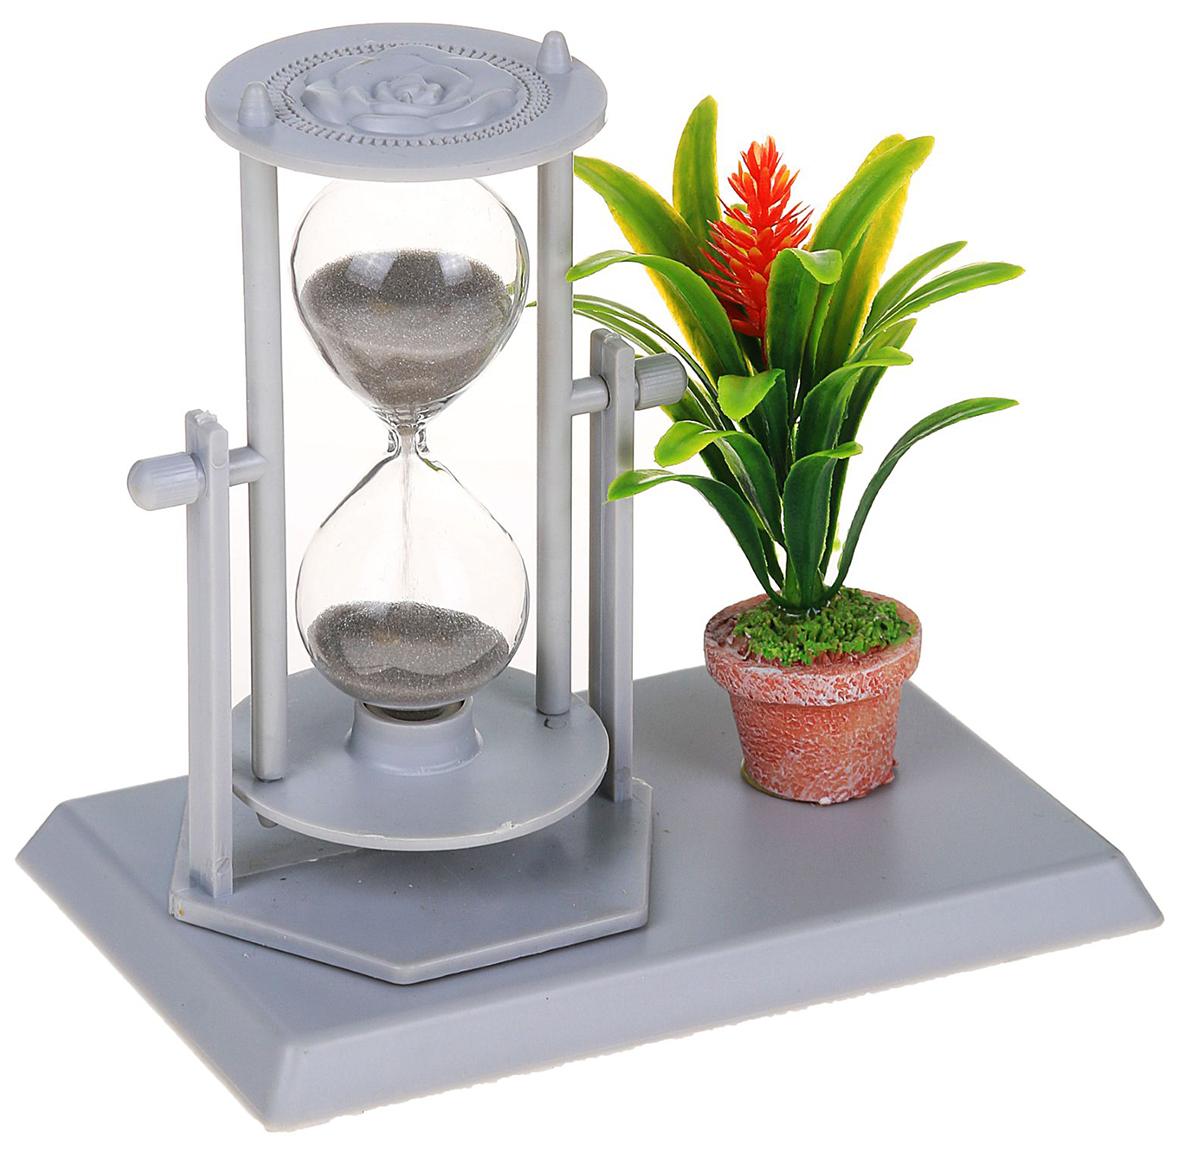 Песочные часы Цветы. Оранжевый цветок, цвет: серый, 14 х 13 х 9 см2355538Каждому хозяину периодически приходит мысль обновить свою квартиру, сделать ремонт, перестановку или кардинально поменять внешний вид каждой комнаты. — привлекательная деталь, которая поможет воплотить вашу интерьерную идею, создать неповторимую атмосферу в вашем доме. Окружите себя приятными мелочами, пусть они радуют глаз и дарят гармонию.Часы песочные, серия Цветы, серые, оранжевый цветок, 14*13*9см 2355538